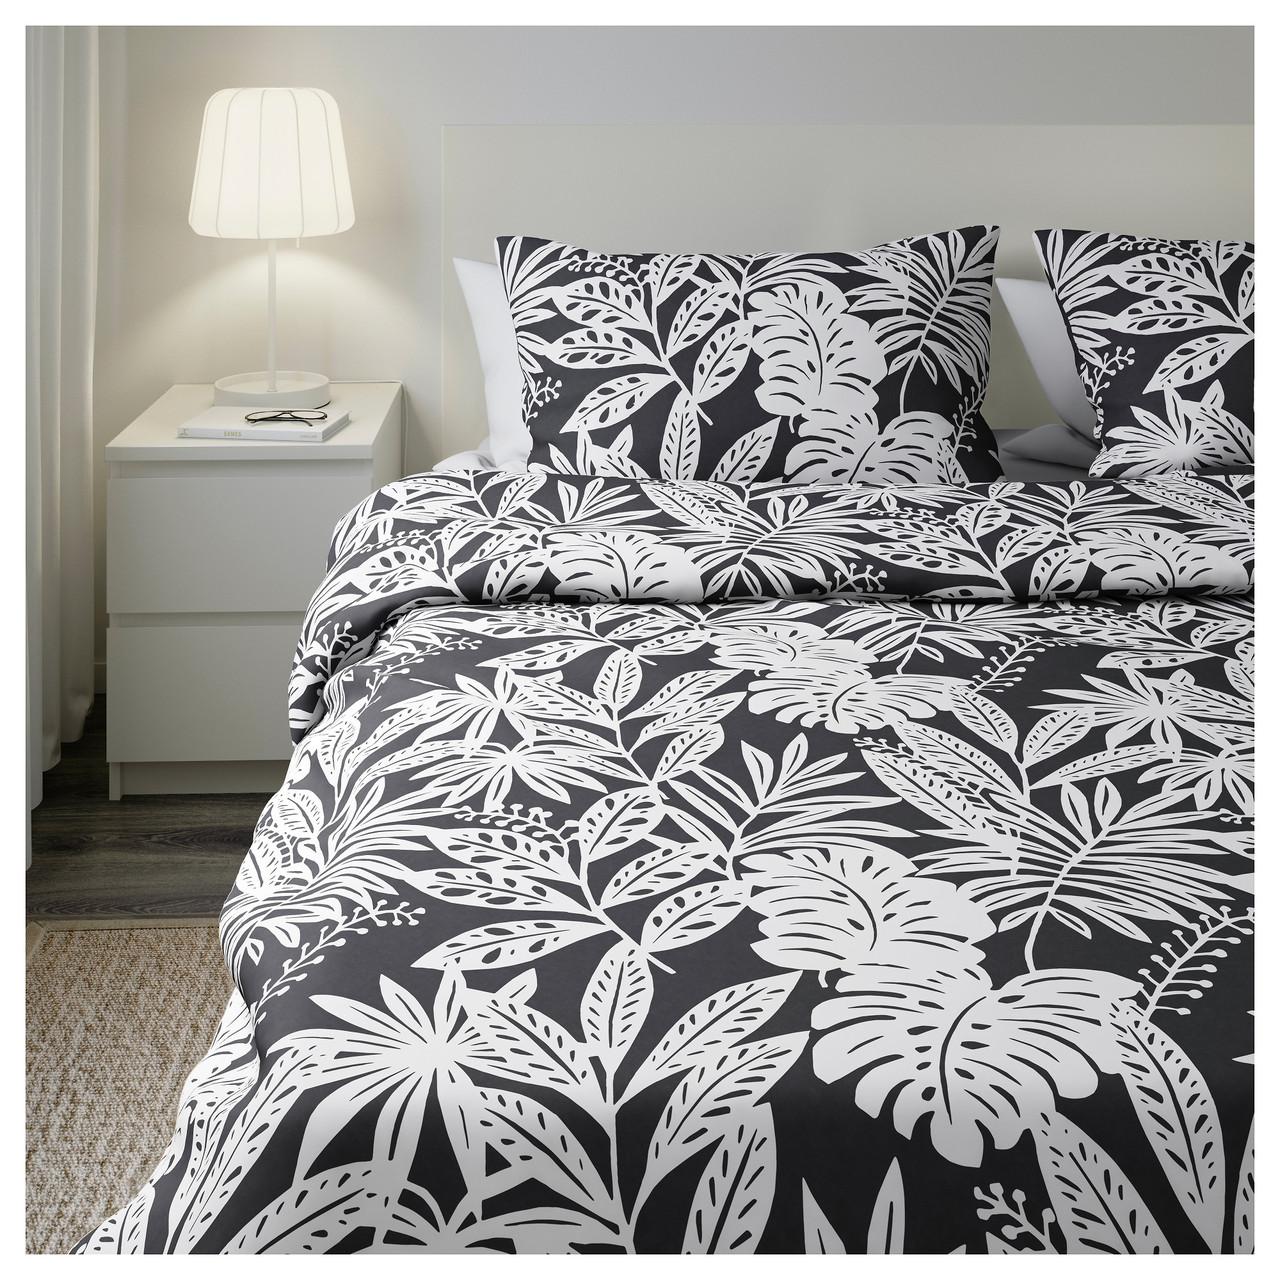 ФАГЕРГИНСТ Комплект постельного белья, серый, белый, 200x200/50x60 см 90350287 IKEA, ИКЕА, FAGERGINST